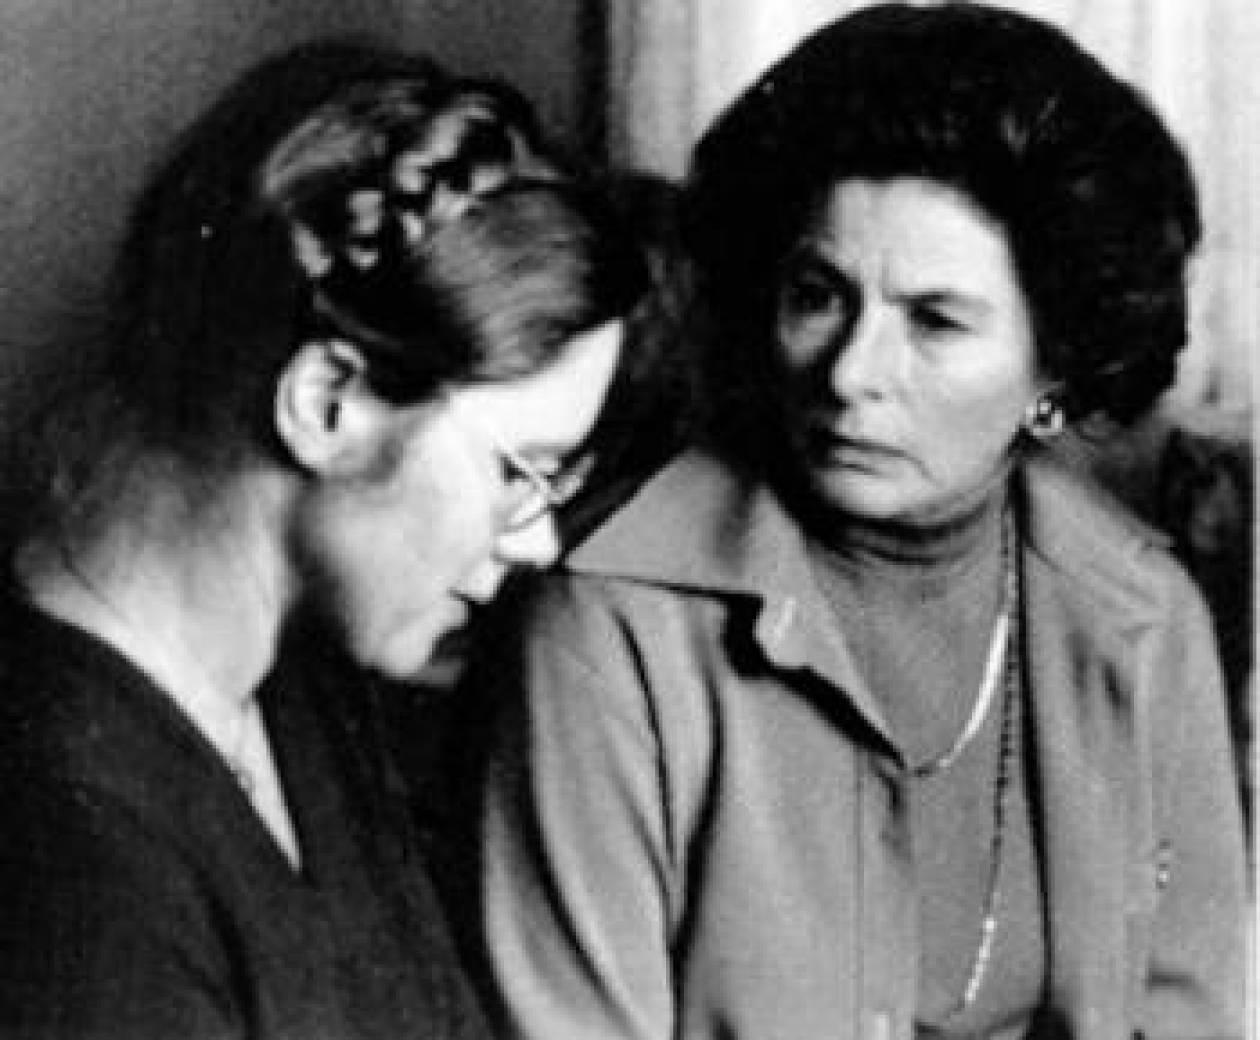 Πέθανε η ηθοποιός Λένα Νάιμαν